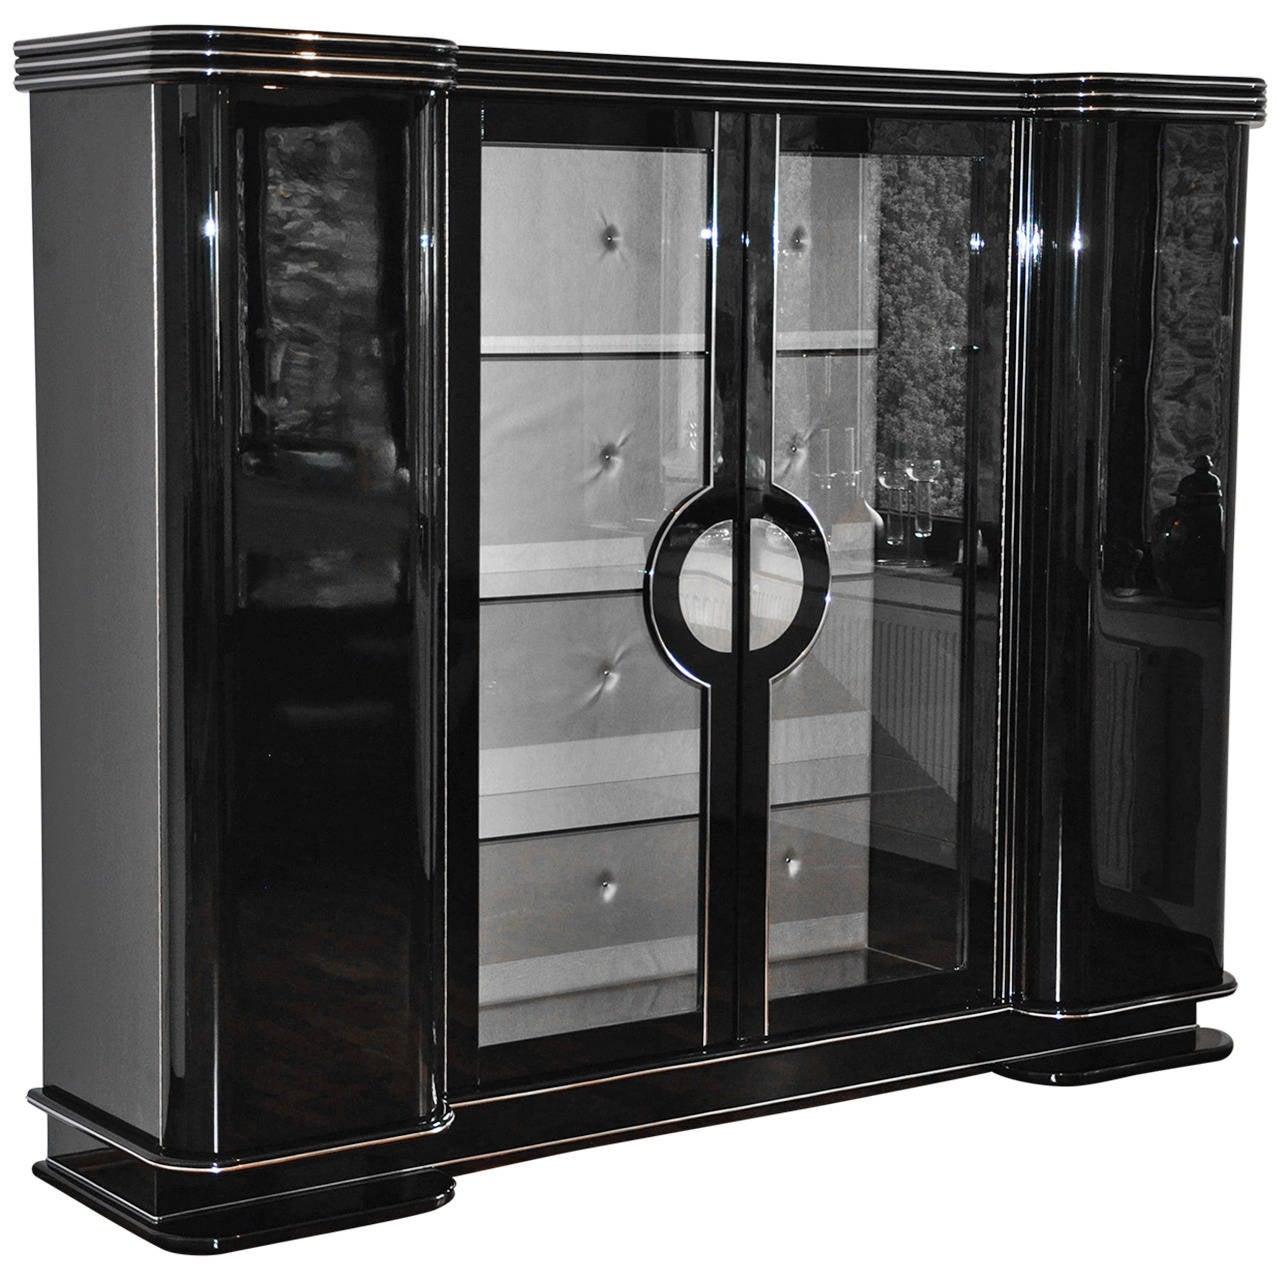 art deco cabinet paris at 1stdibs. Black Bedroom Furniture Sets. Home Design Ideas